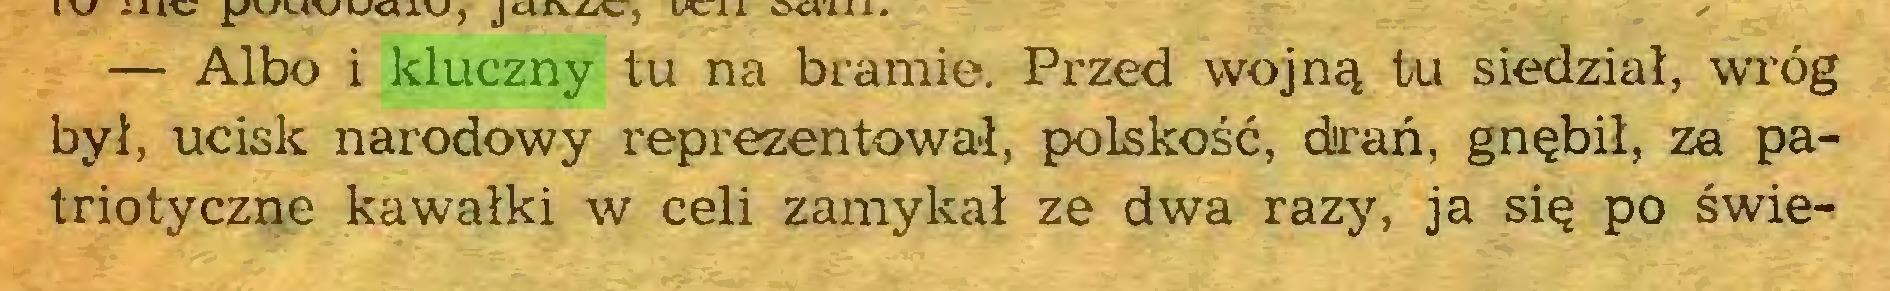 (...) . , — Albo i kluczny tu na bramie. Przed wojną tu siedział, wróg był, ucisk narodowy reprezentował, polskość, drań, gnębił, za patriotyczne kawałki w celi zamykał ze dwa razy, ja się po świe...